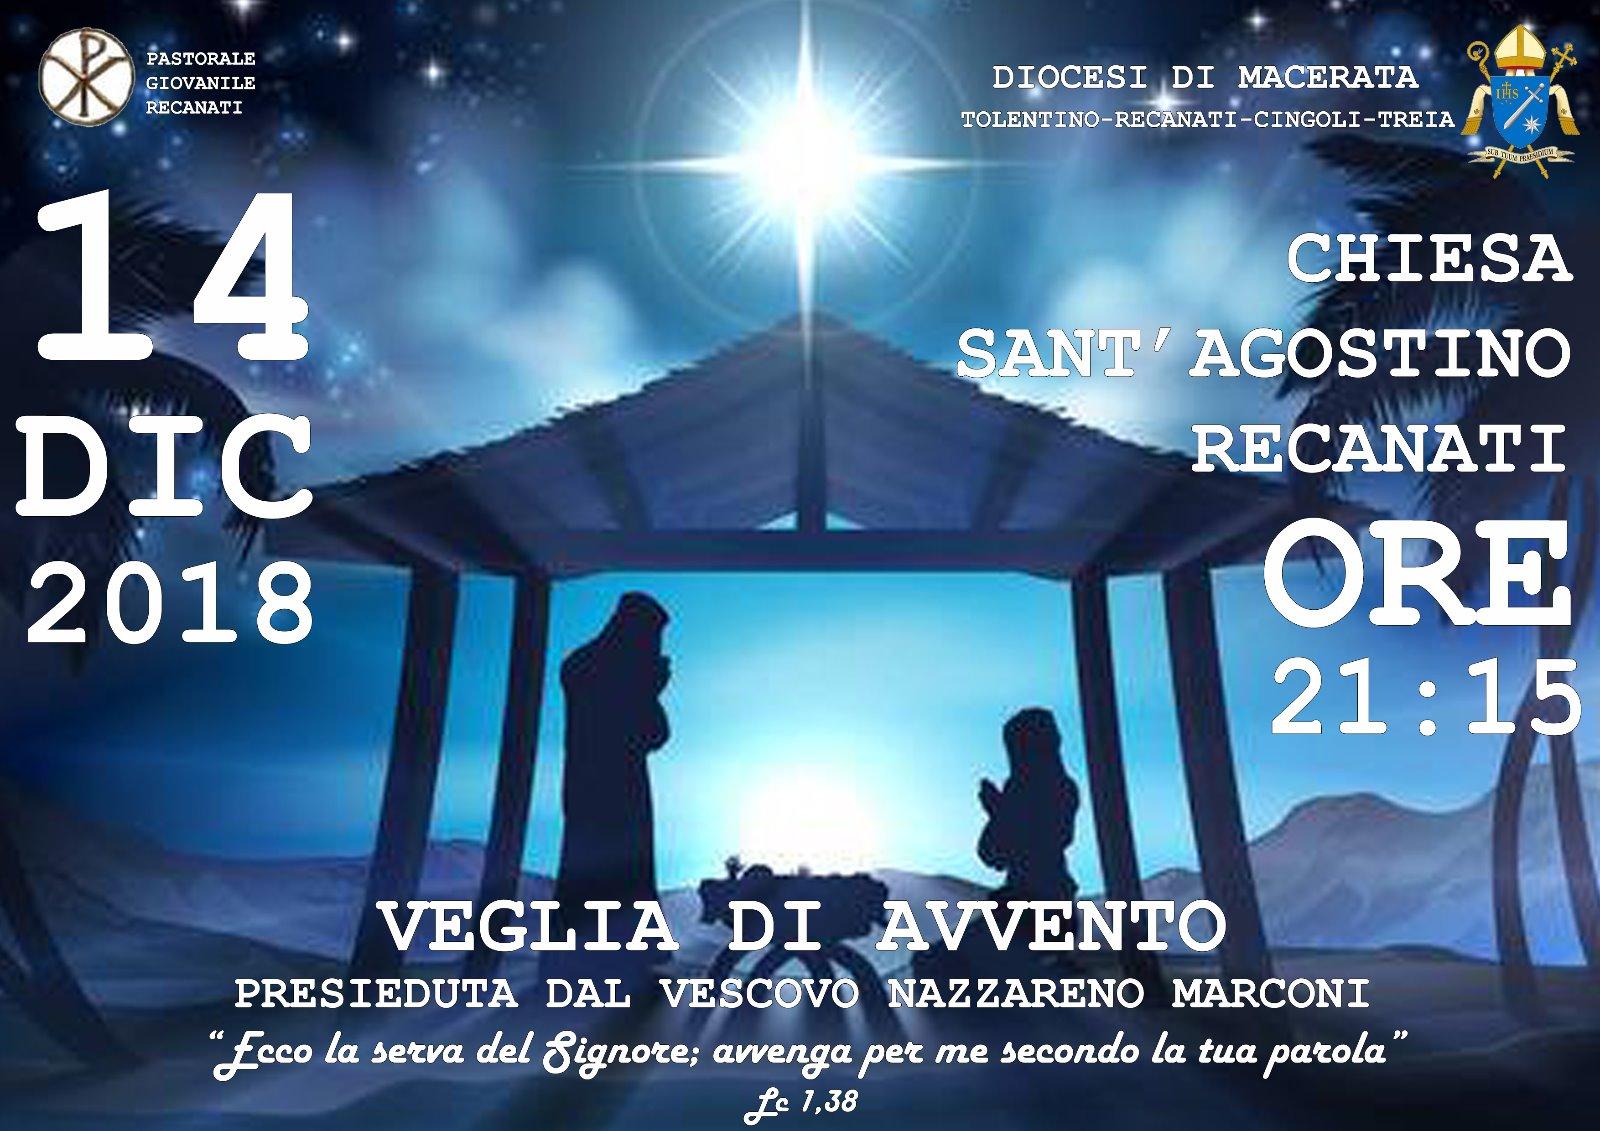 2018-12-14_Veglia_di_Avvento_-_Giovani